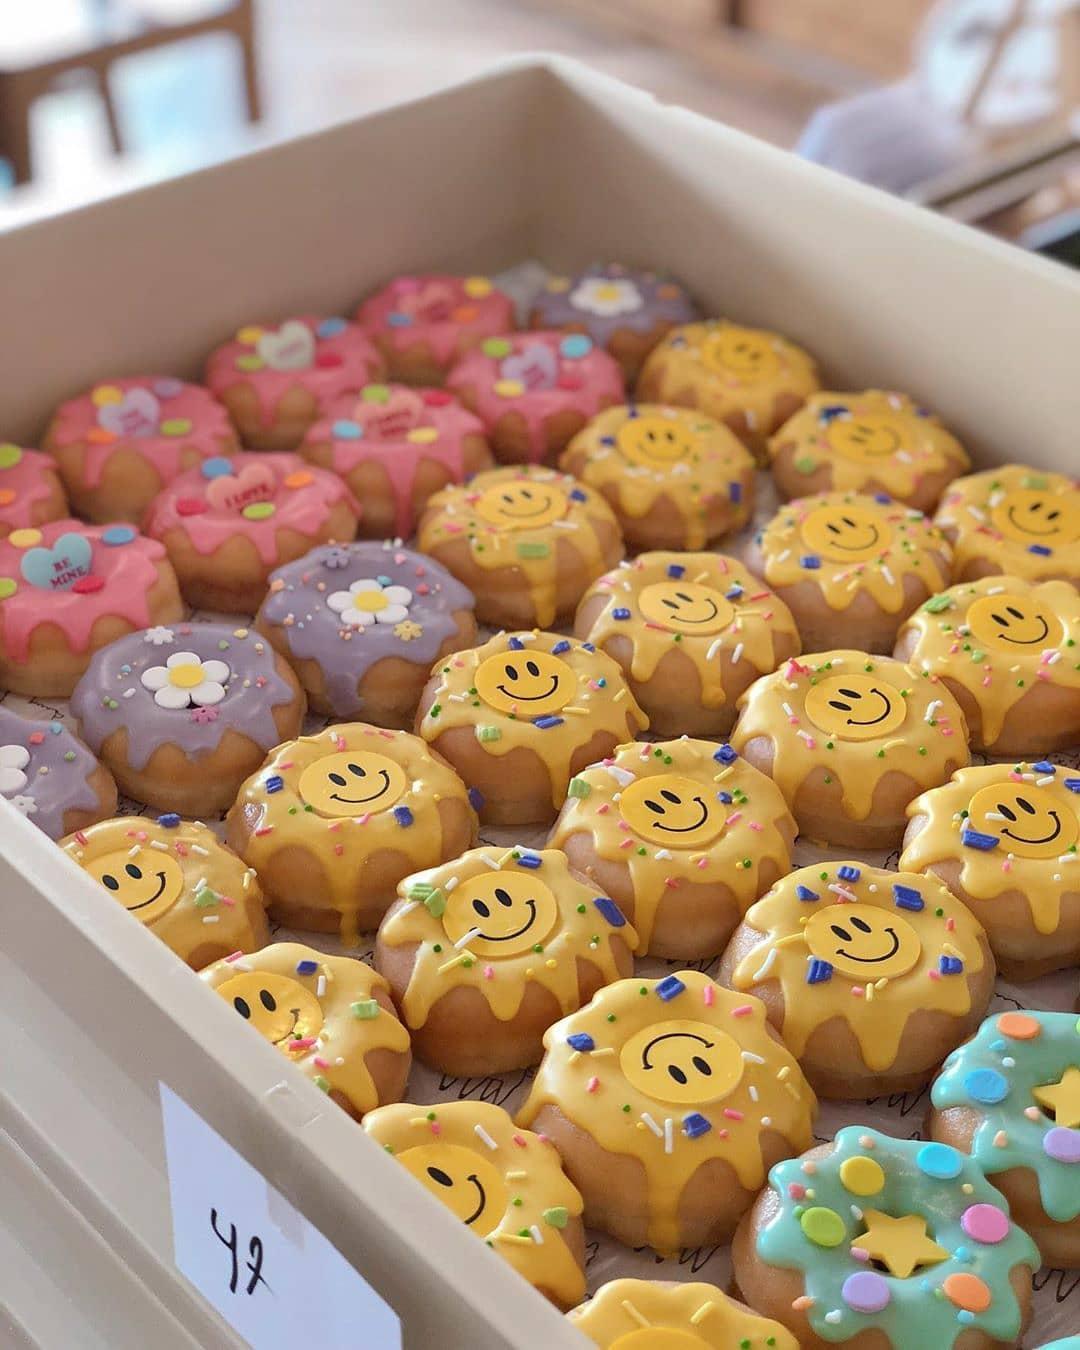 donut 07.. - แนะนำ 7 ร้านโดนัทแสนอร่อย แป้งนุ่ม หน้าล้น ที่ไม่ควรพลาด